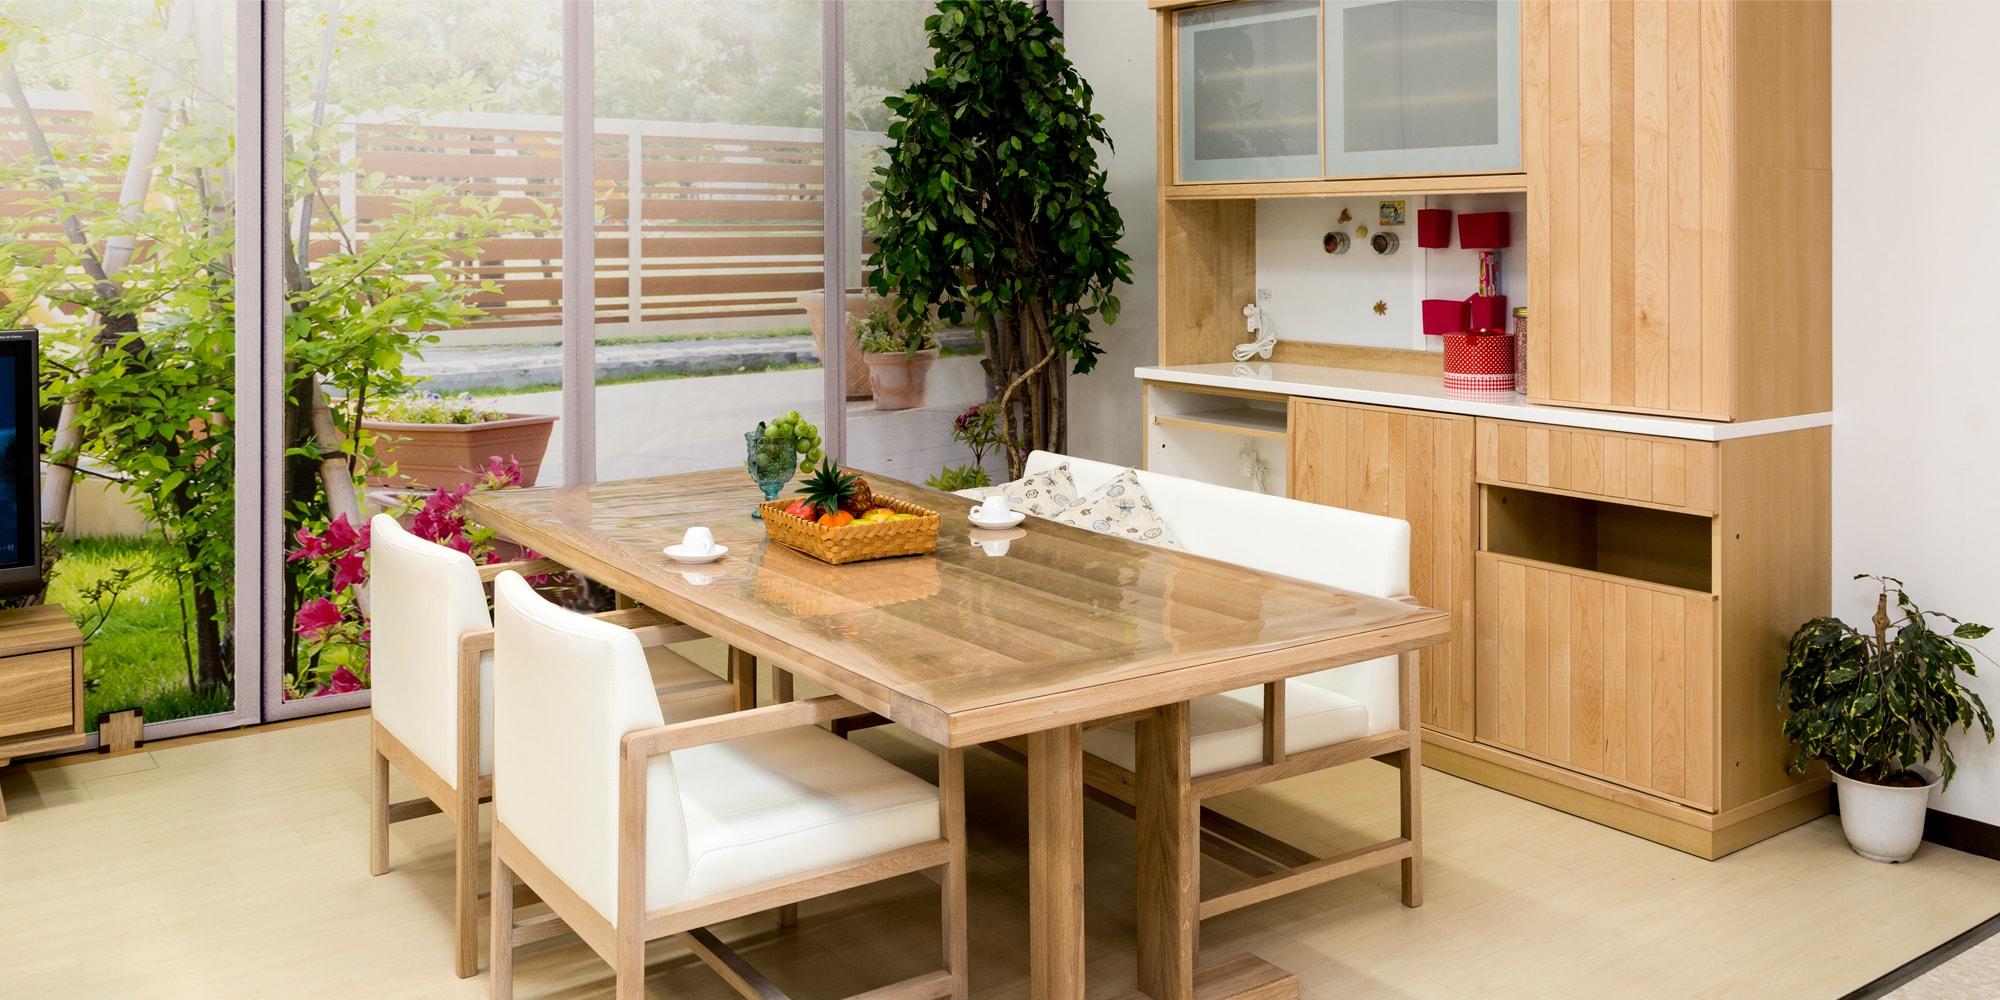 お客様の快適な生活空間をプロデュースいたします。